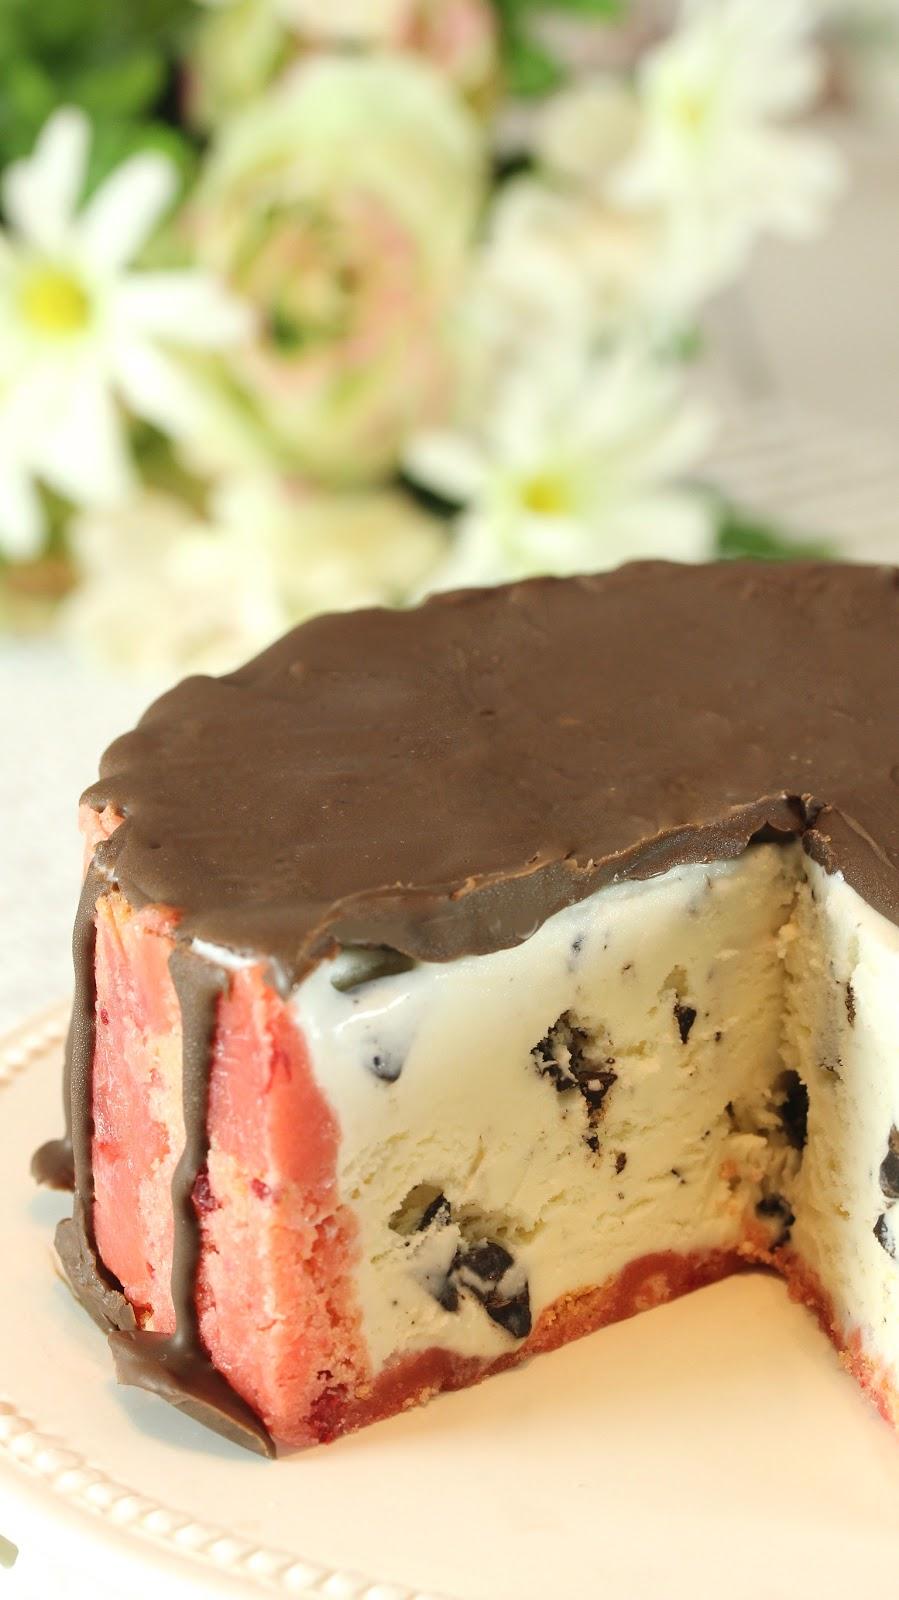 Magic Shell Ice Cream Cake